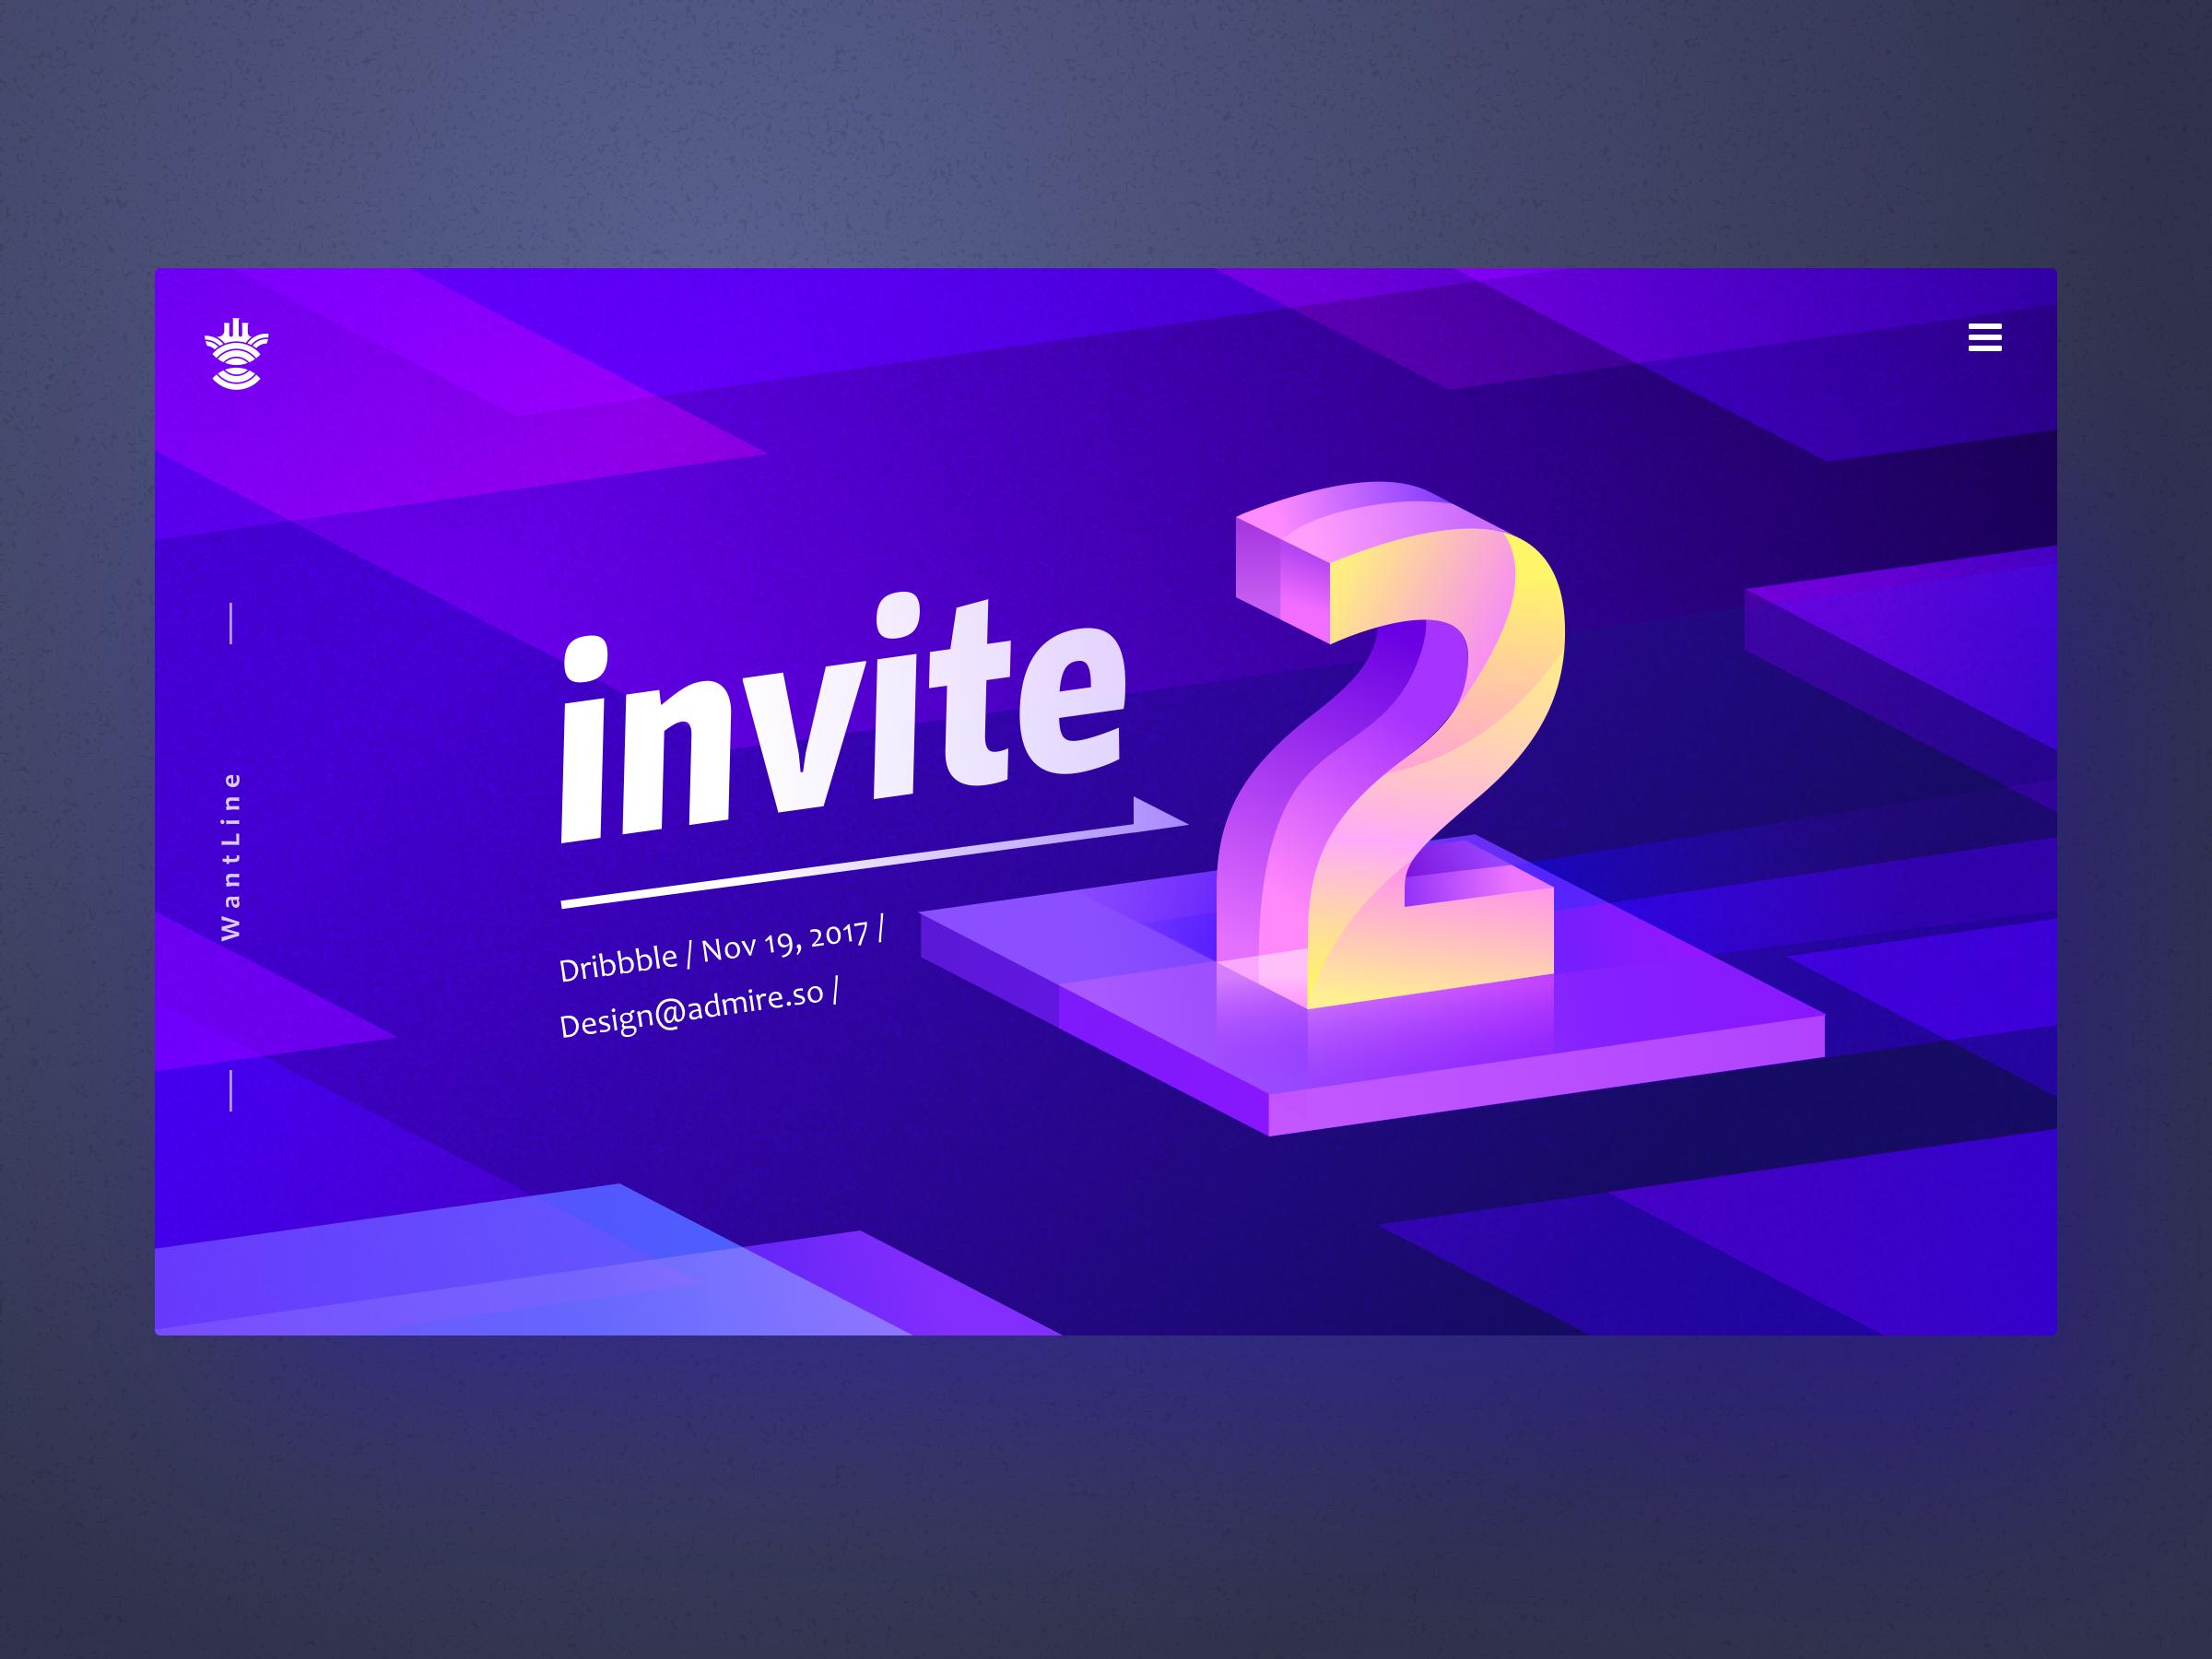 Invite22 3x